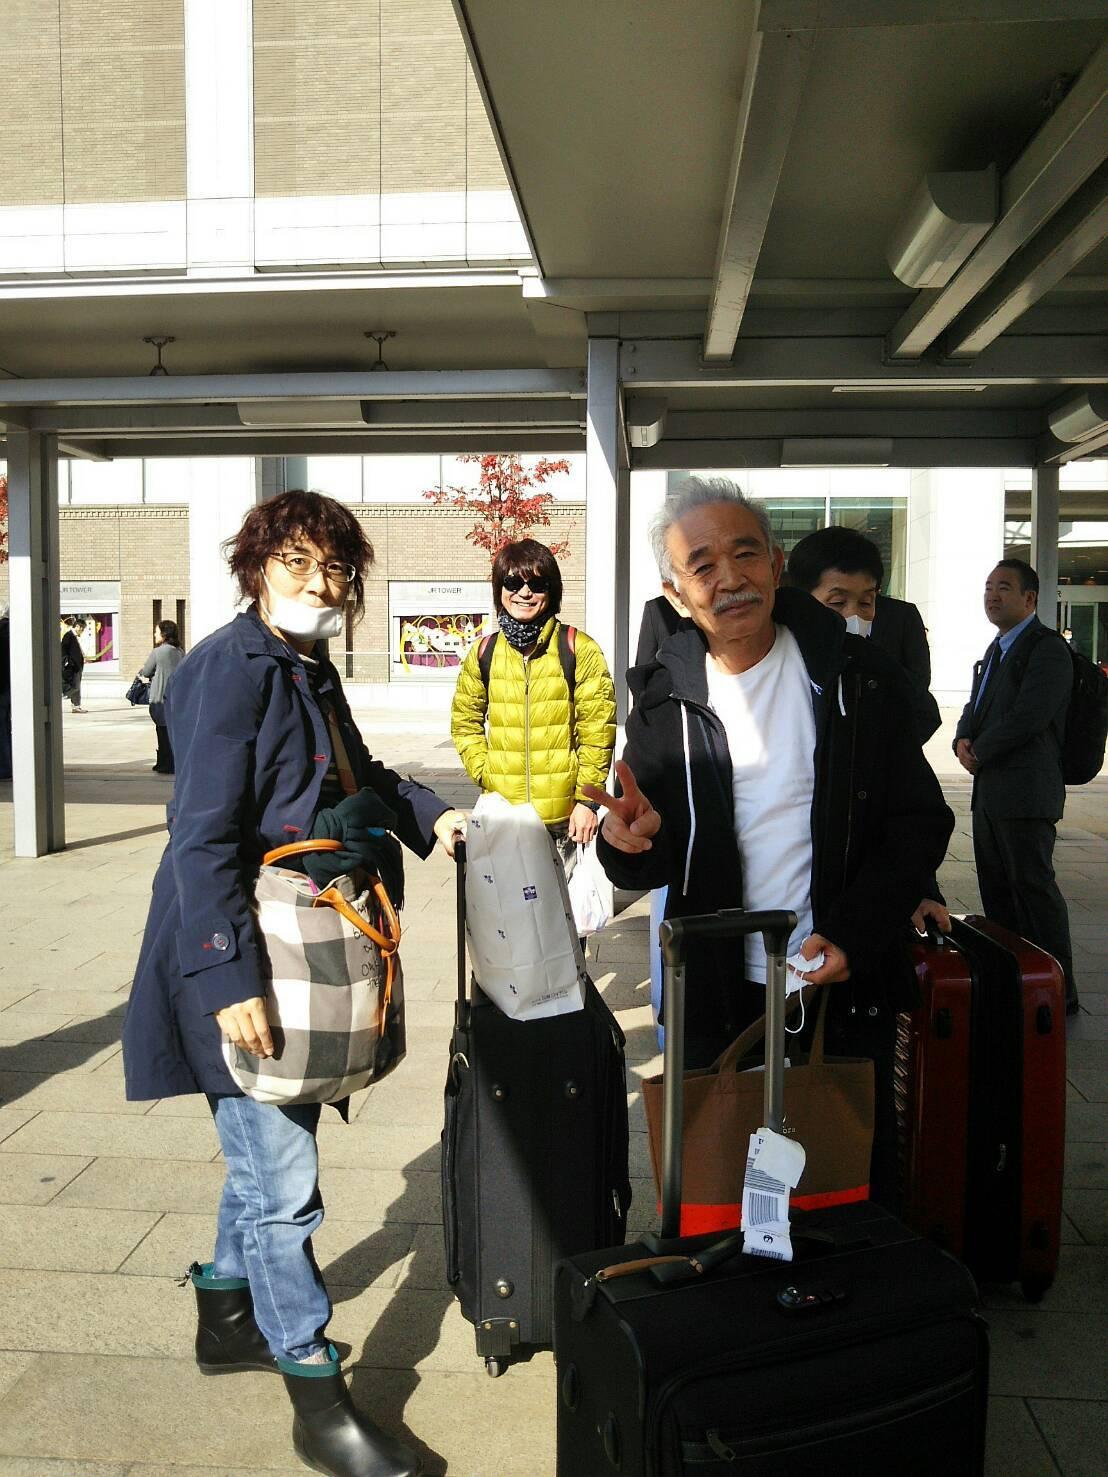 札幌駅に到着した途端 小川知子さんが撮影してくれた 山田パンダとフィンガー5の晃くん _b0096957_13574436.jpg